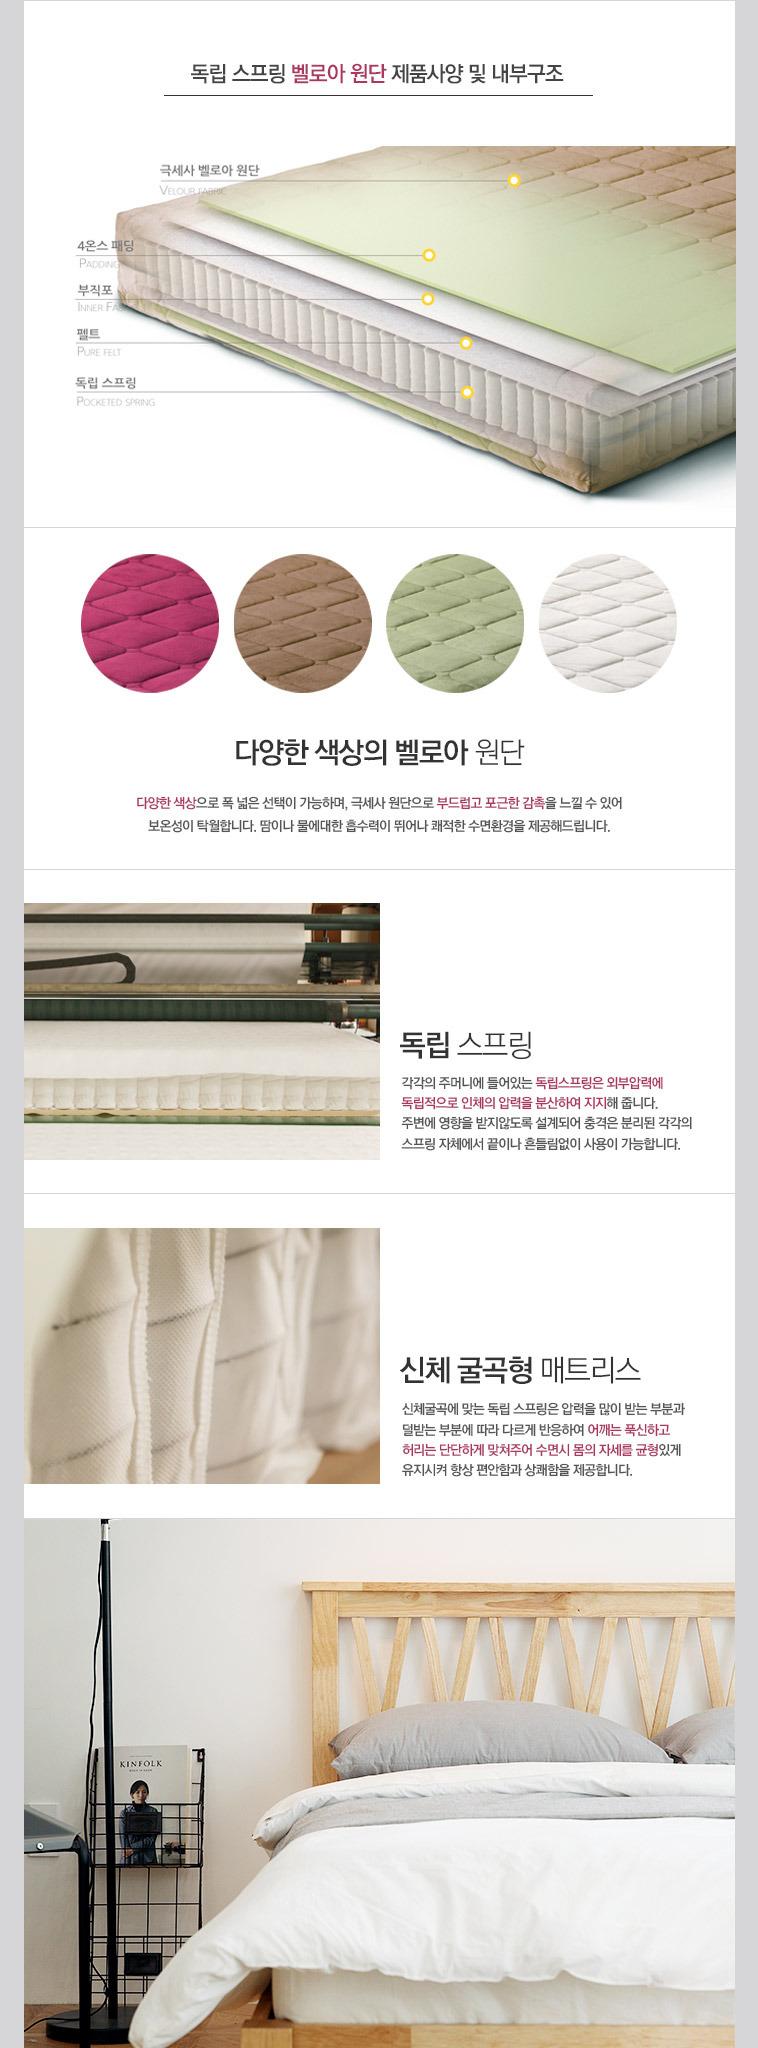 [단잠] 라온 원목 침대+본넬매트리스 - 상세정보